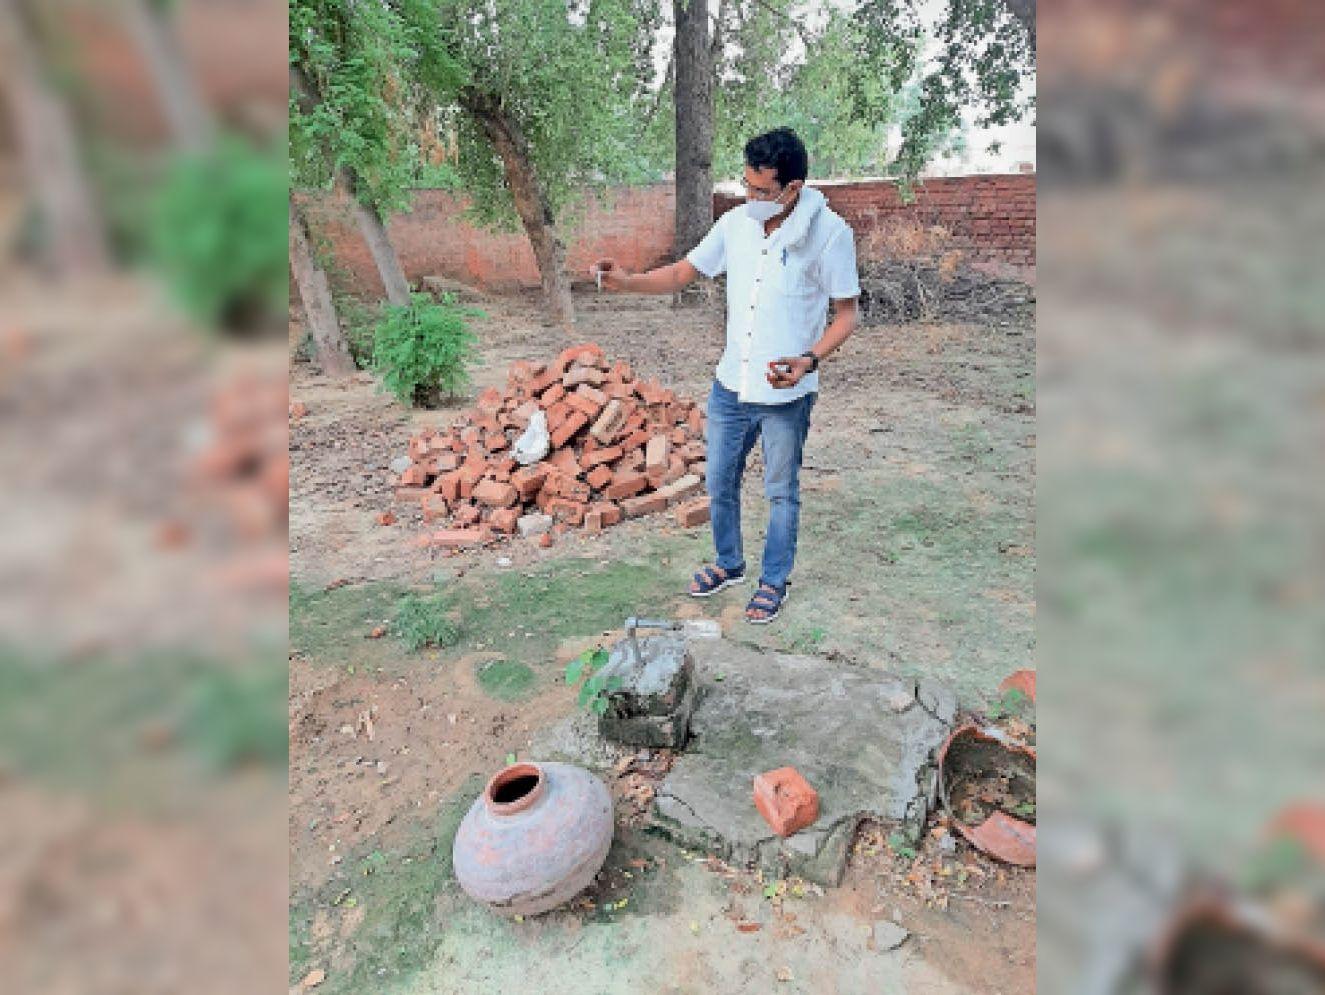 फतेहाबाद। डेंगू के लारवा की जांच करते स्वास्थ्य कर्मचारी। - Dainik Bhaskar